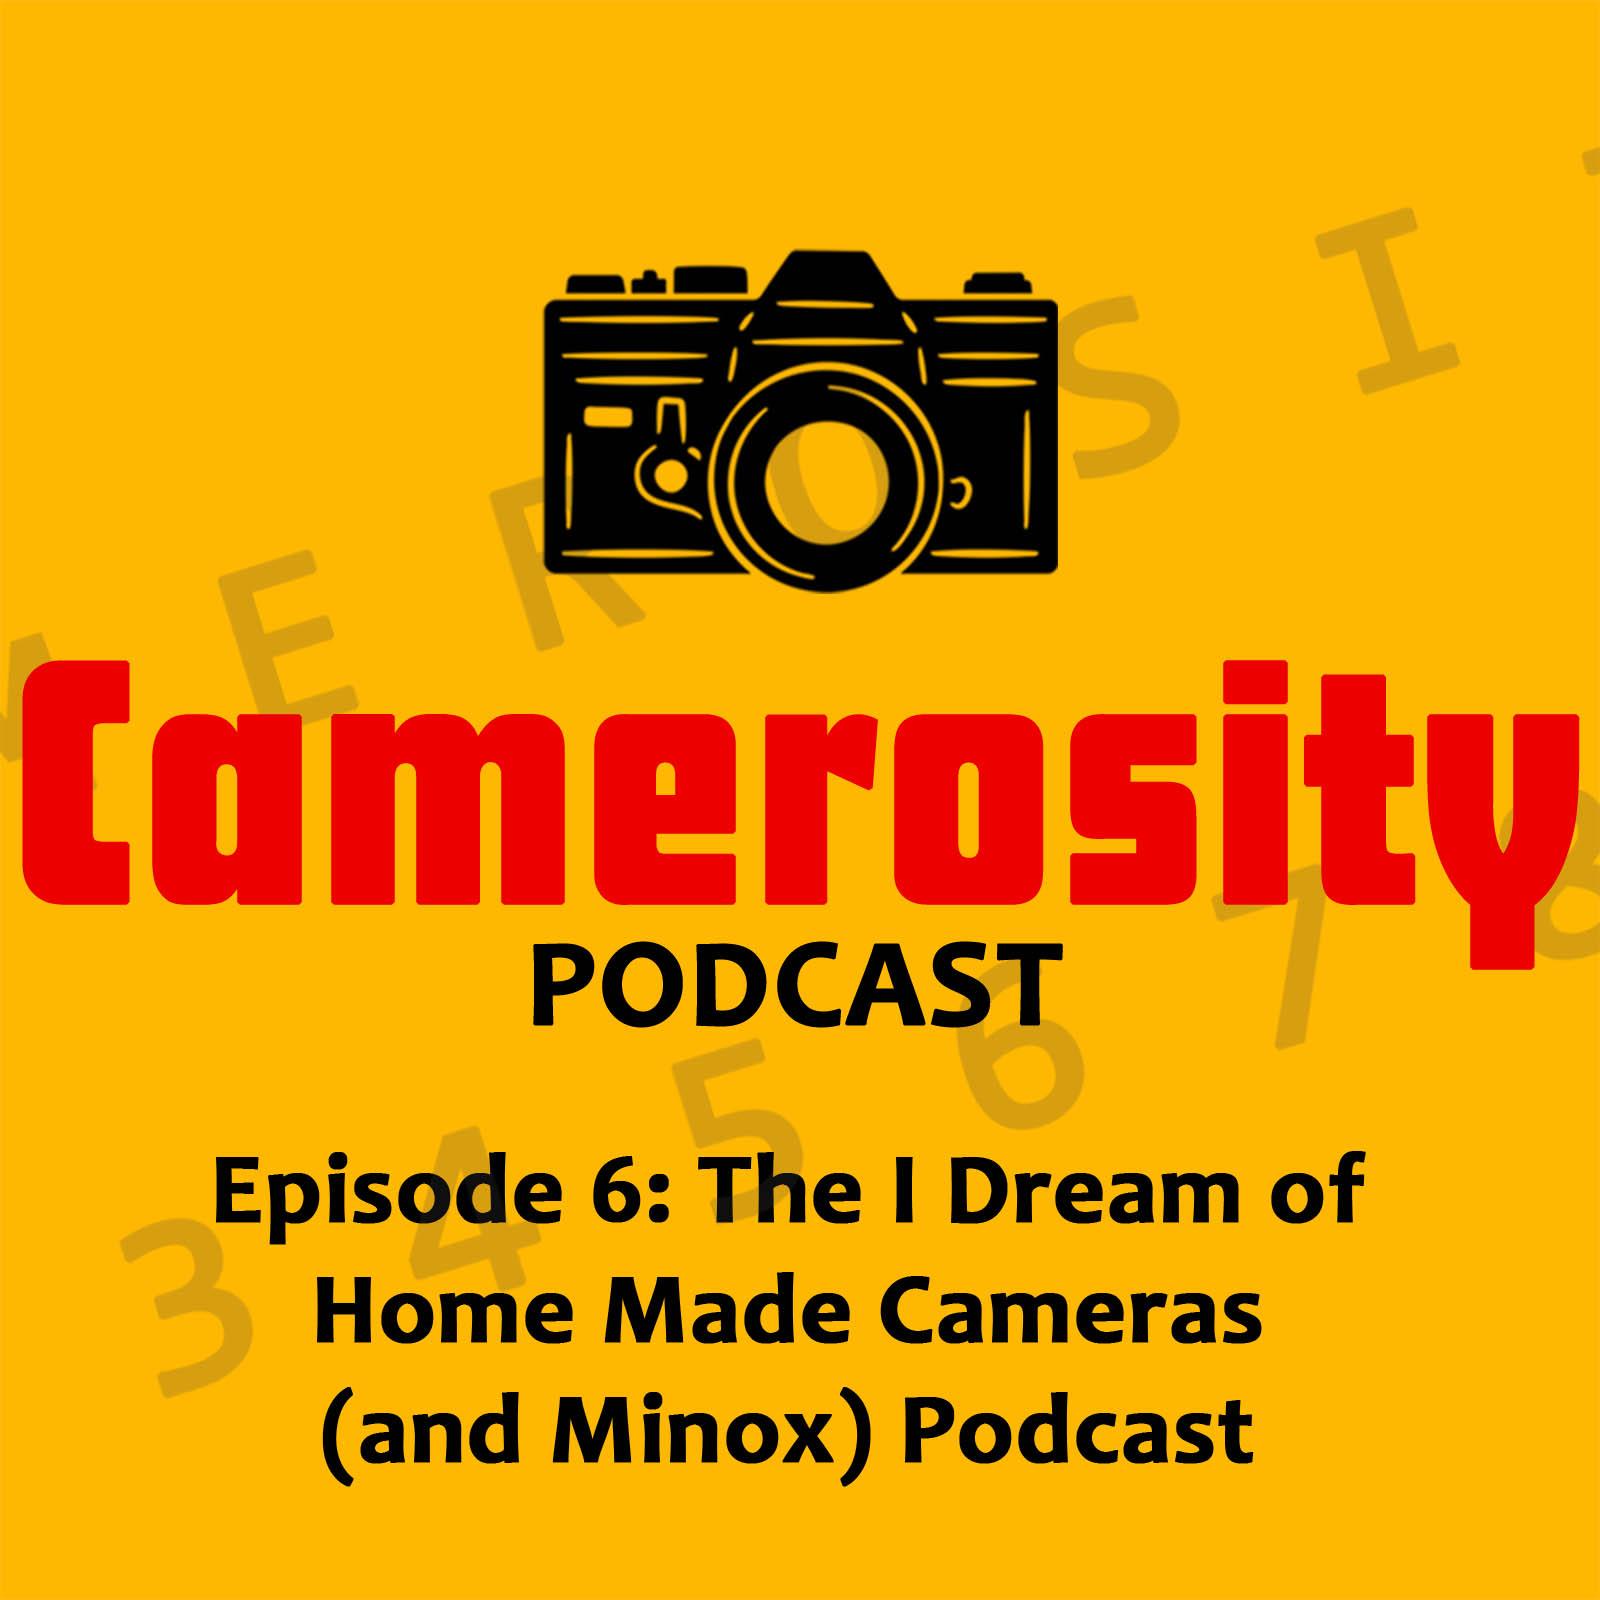 Episode 6: The I Dream of Home Made Cameras (and Minox) Podcast